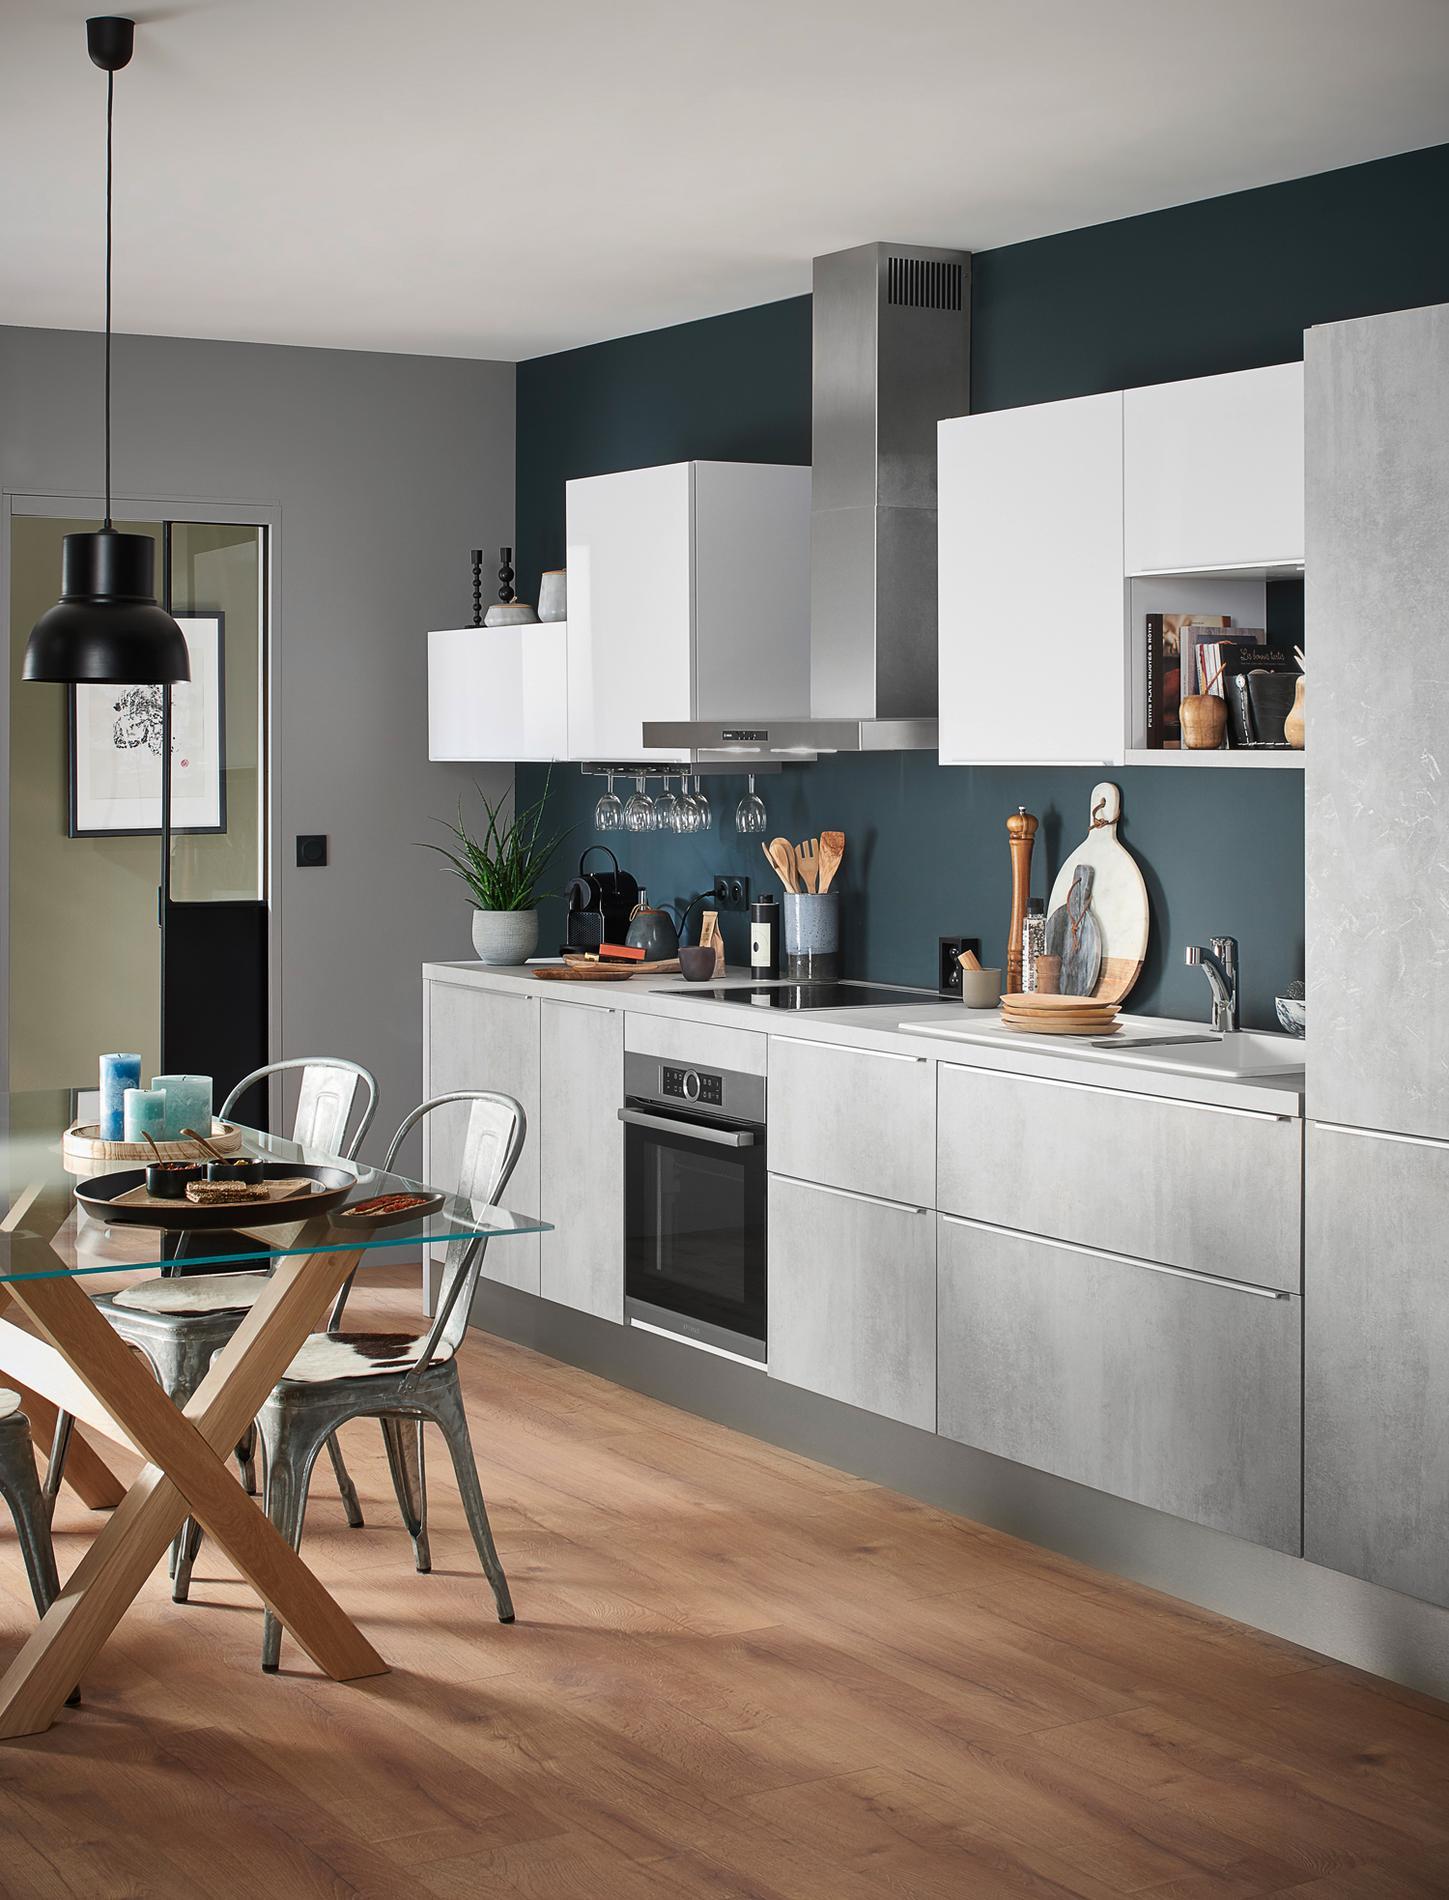 conseils d co pour un int rieur au style industriel madame figaro. Black Bedroom Furniture Sets. Home Design Ideas